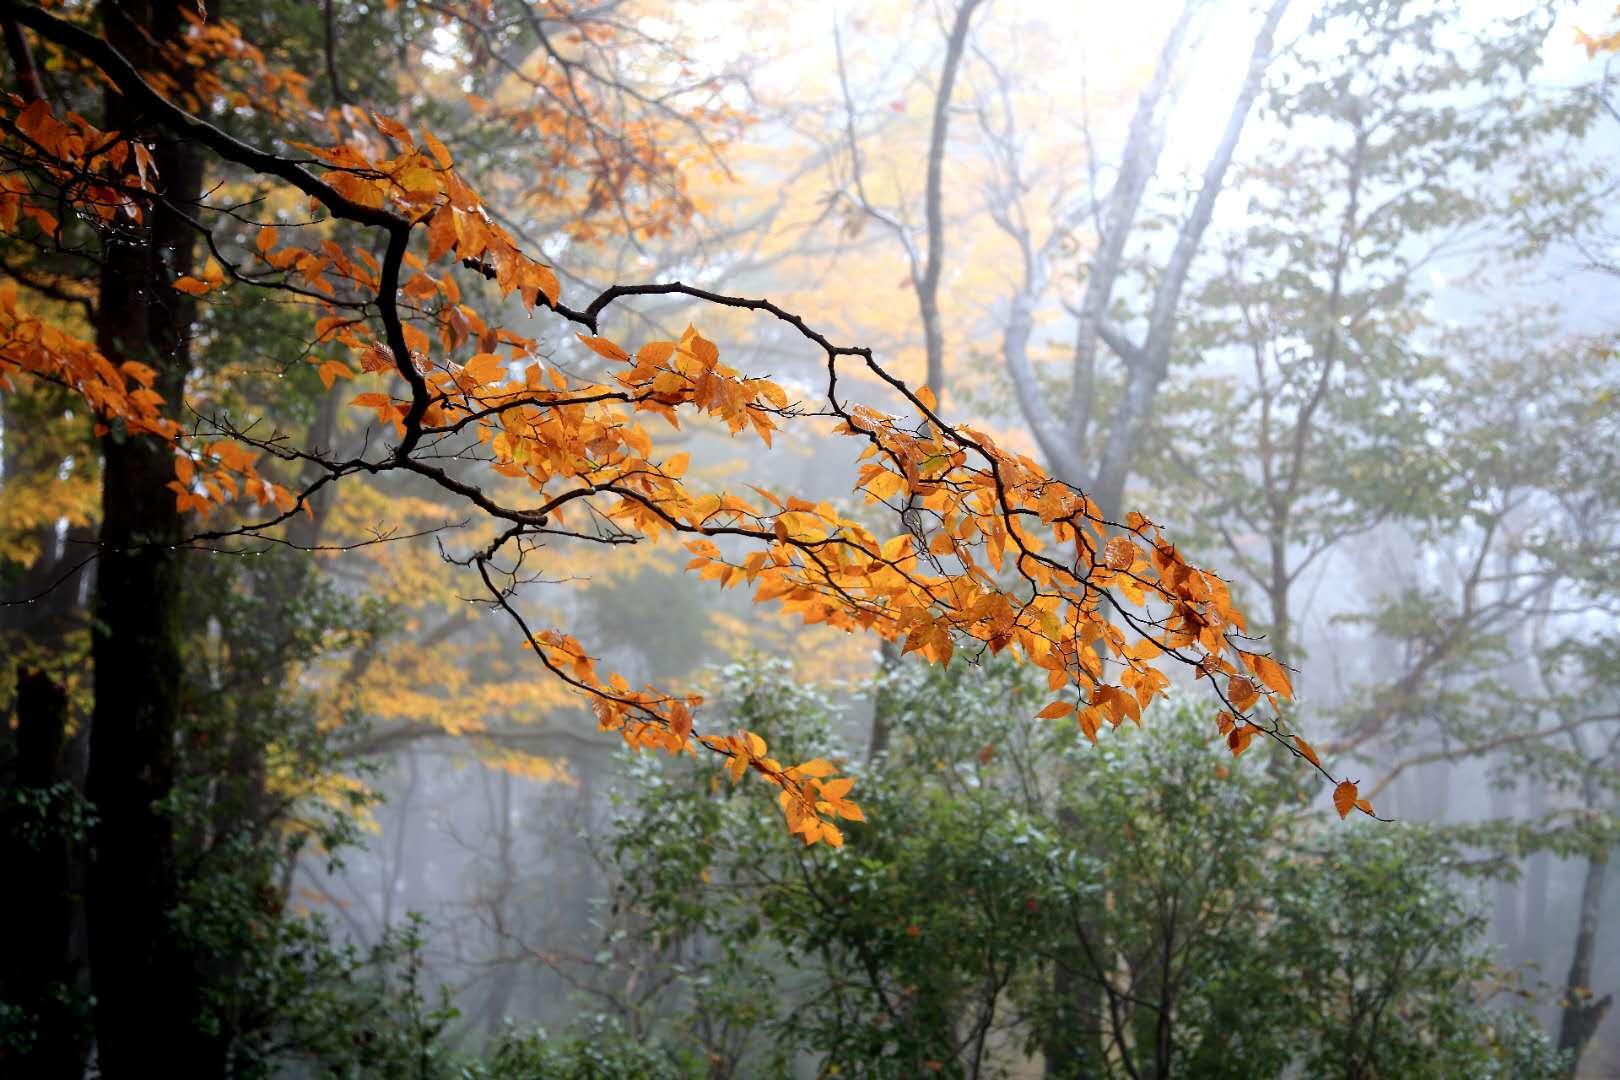 四川南部-蒲炜 《无题》 Canon.jpg